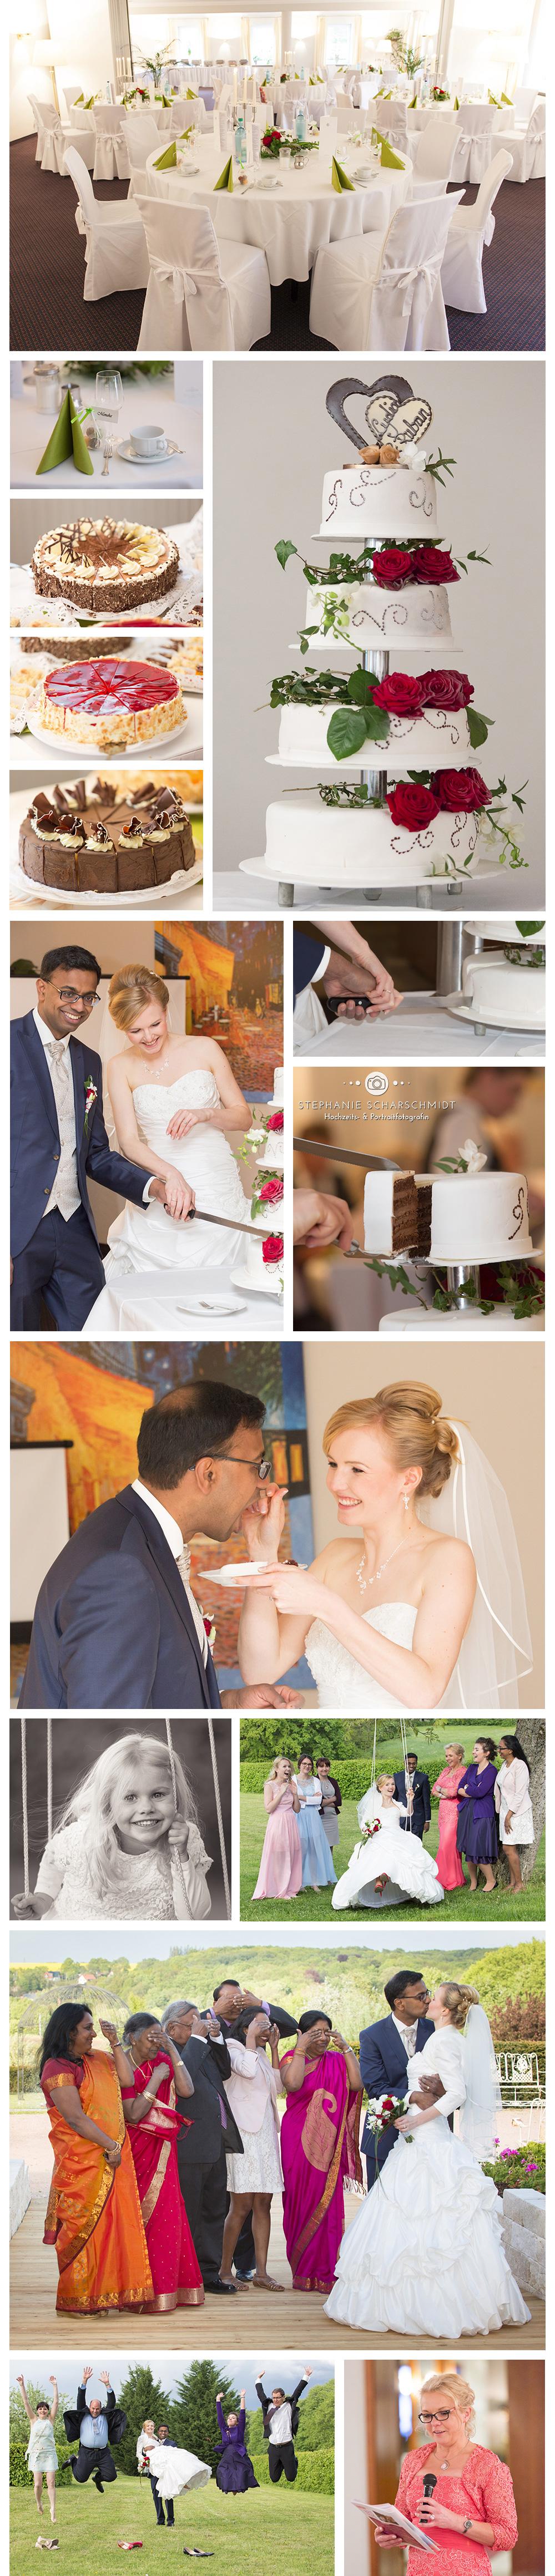 6 Romantikhotel Schwanenfelde in Meerane, Hochzeitsfeier, internationale Hochzeitsreportage , internationale Hochzeit in Sachsen